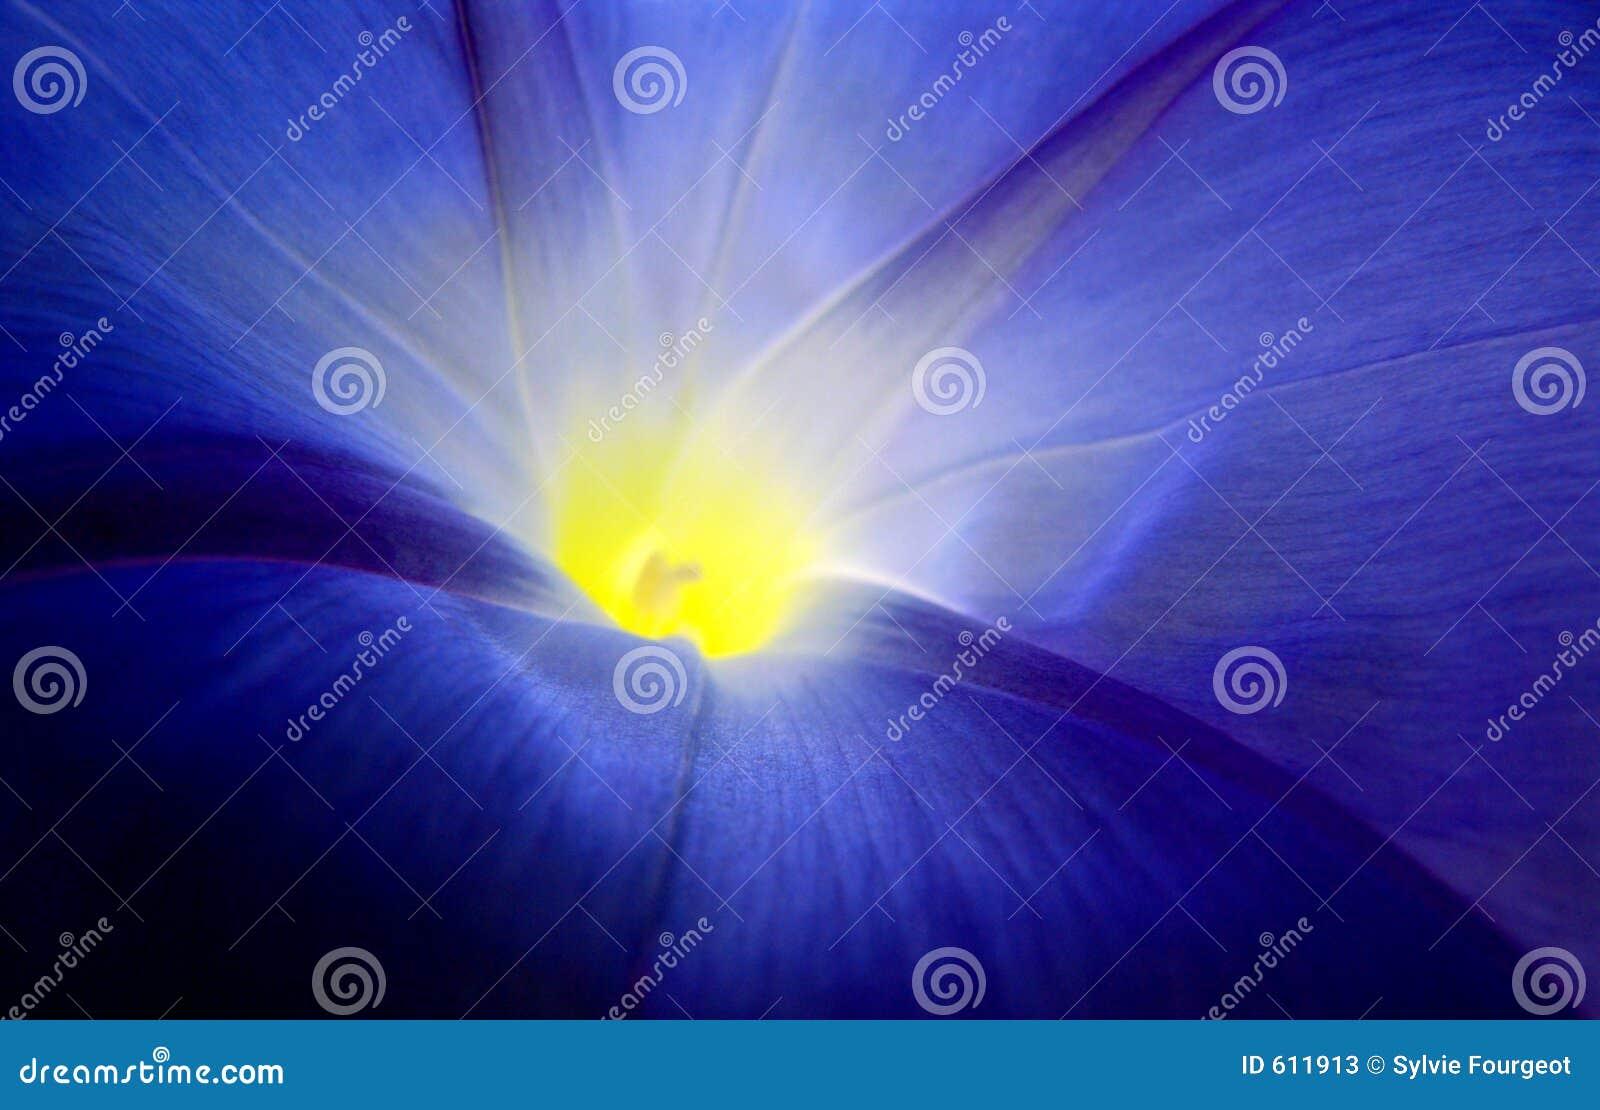 Liseron bleu.